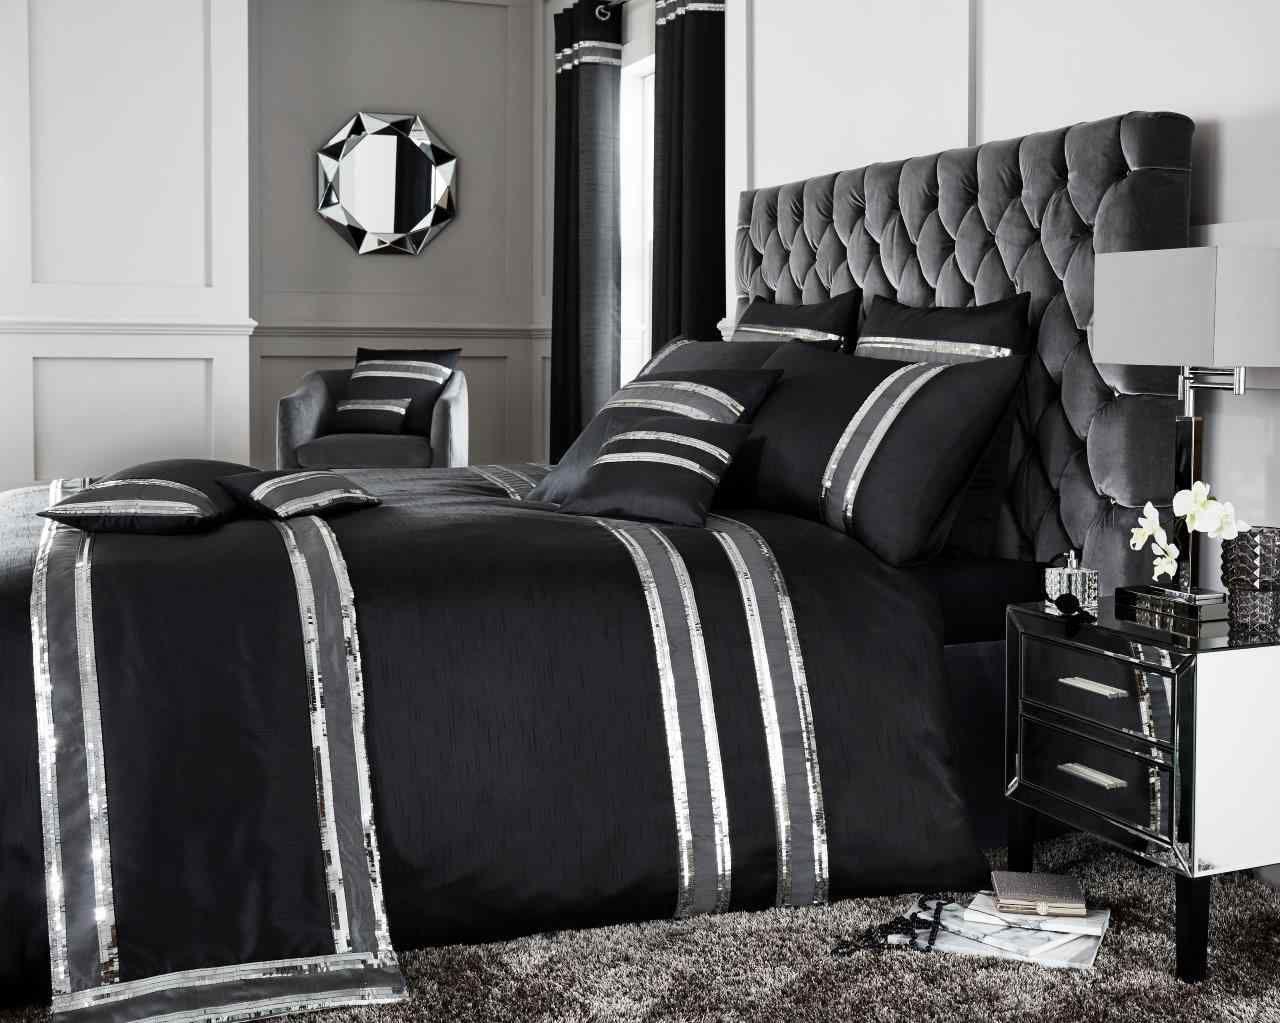 Diva Duvet Quilt Cover Bedding Set Discount bedding sets